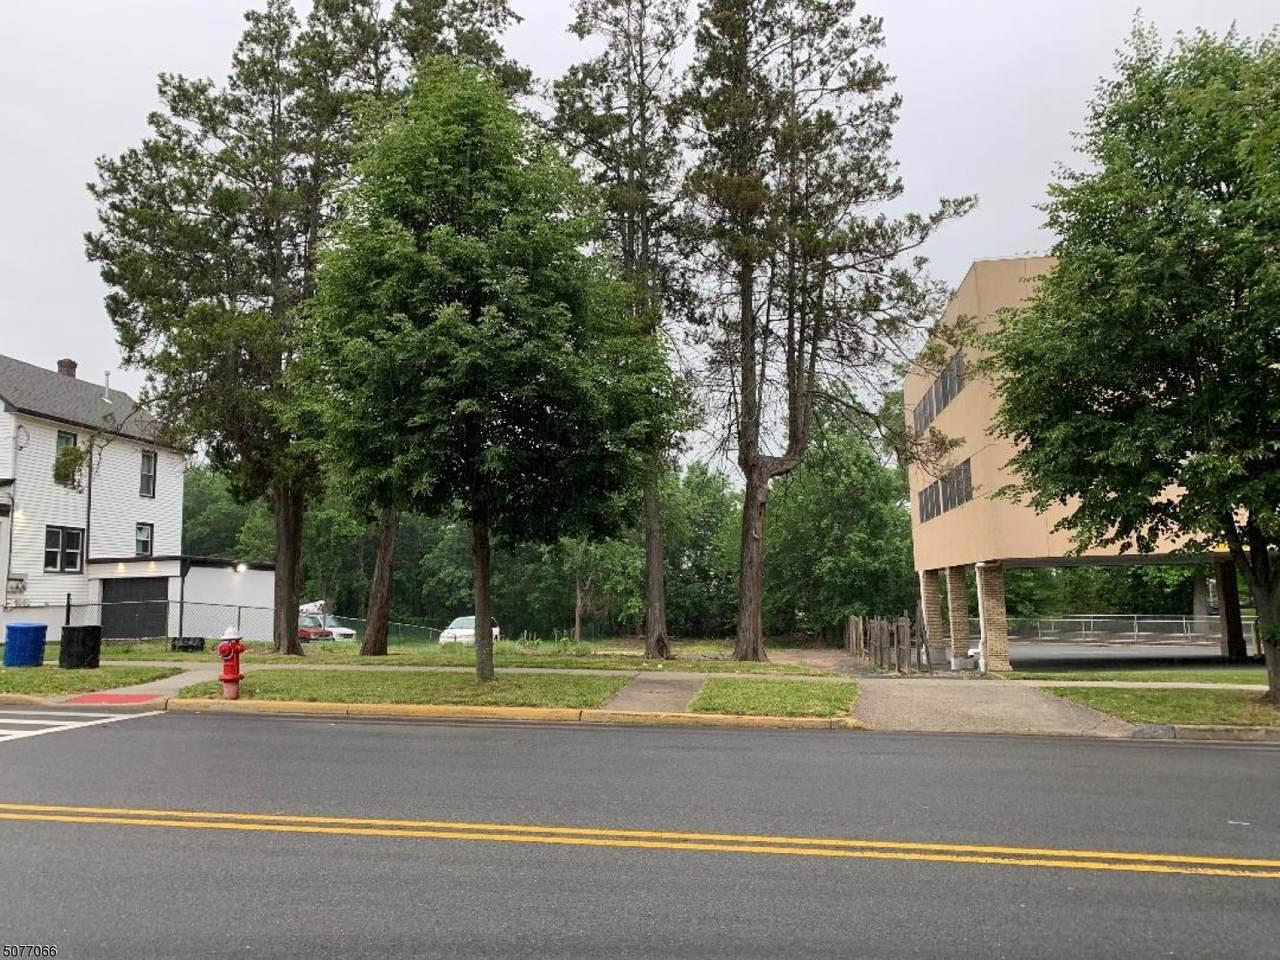 830 N Wood Ave - Photo 1